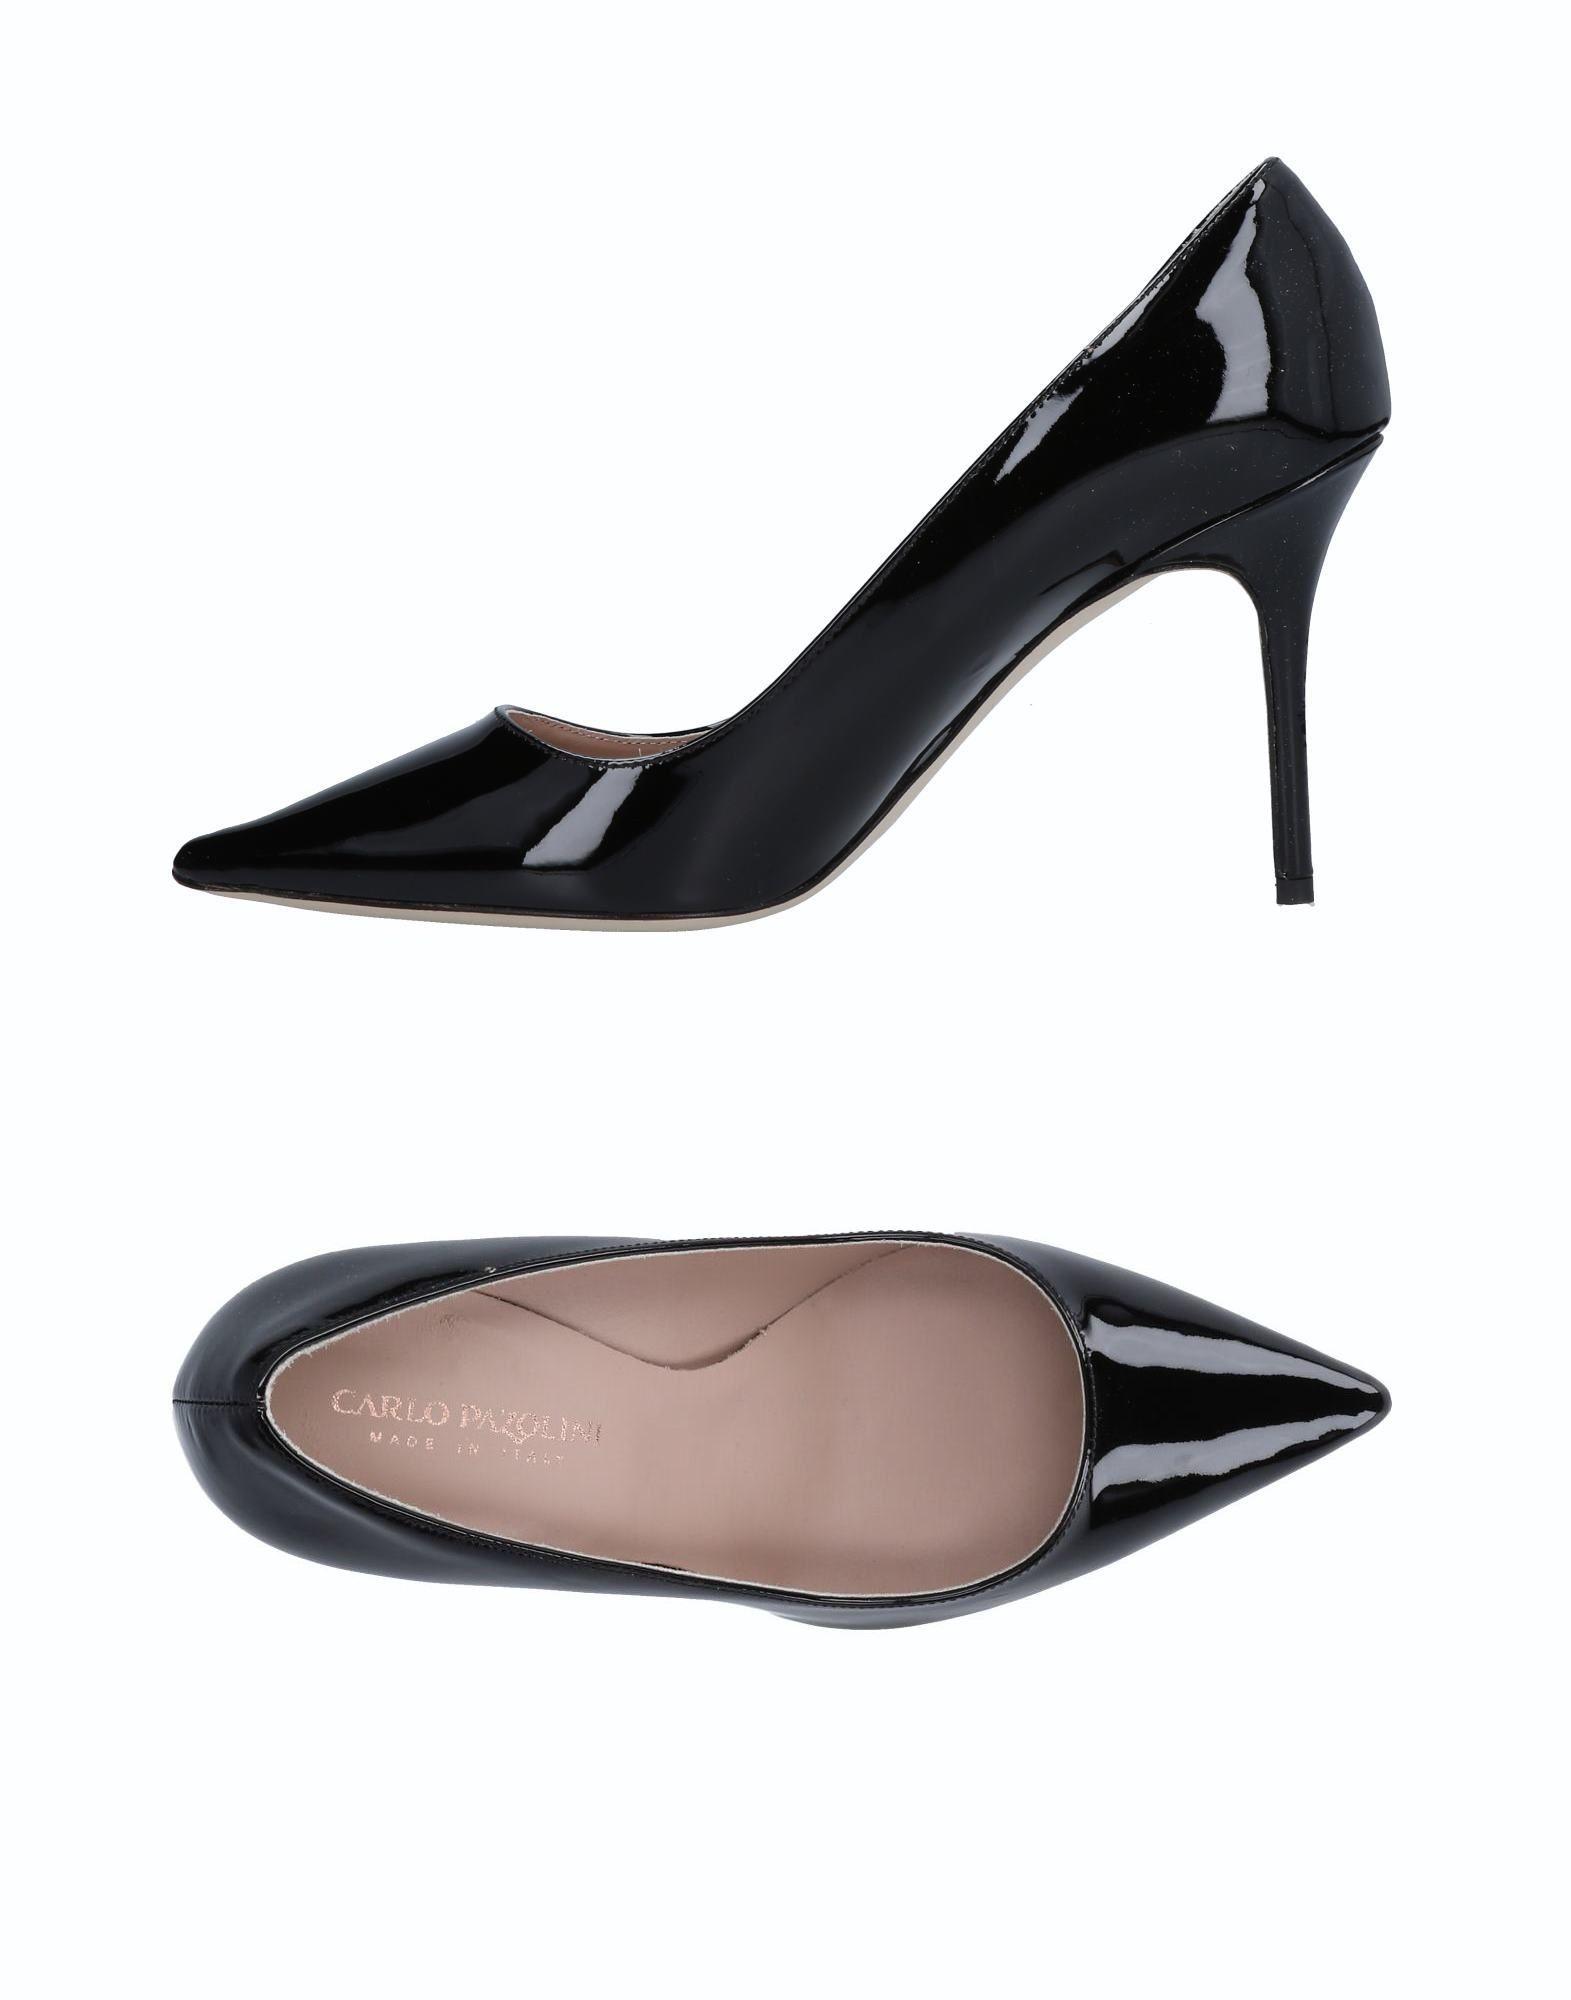 Gut um billige Schuhe zu  tragenCarlo Pazolini Pumps Damen  zu 11509930GP f09959